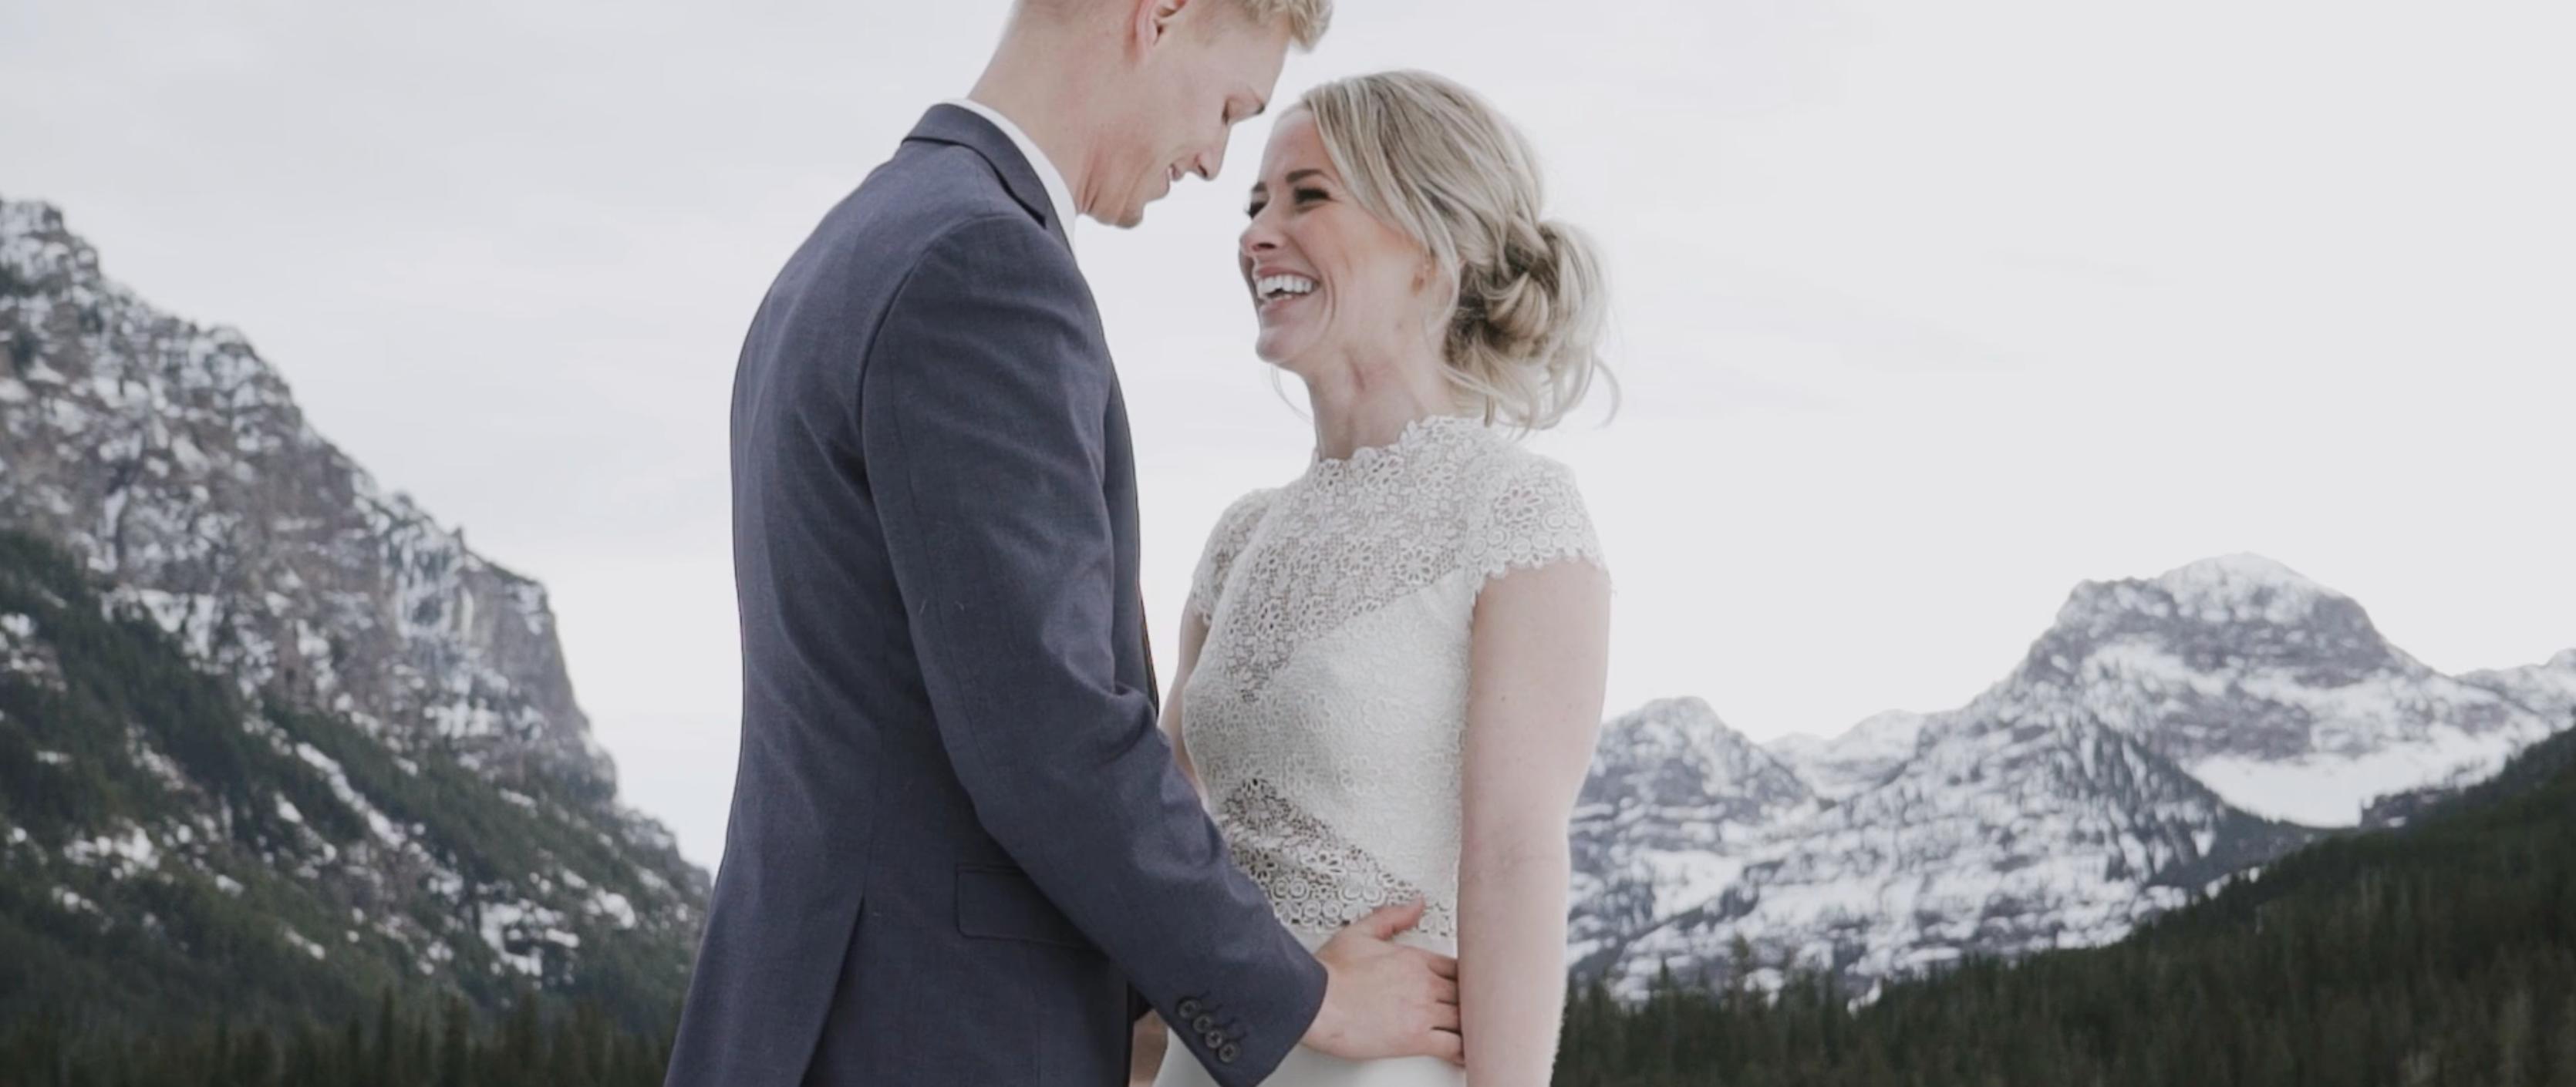 Austin + Sarah | Bozeman, Montana | Hyalite Canyon